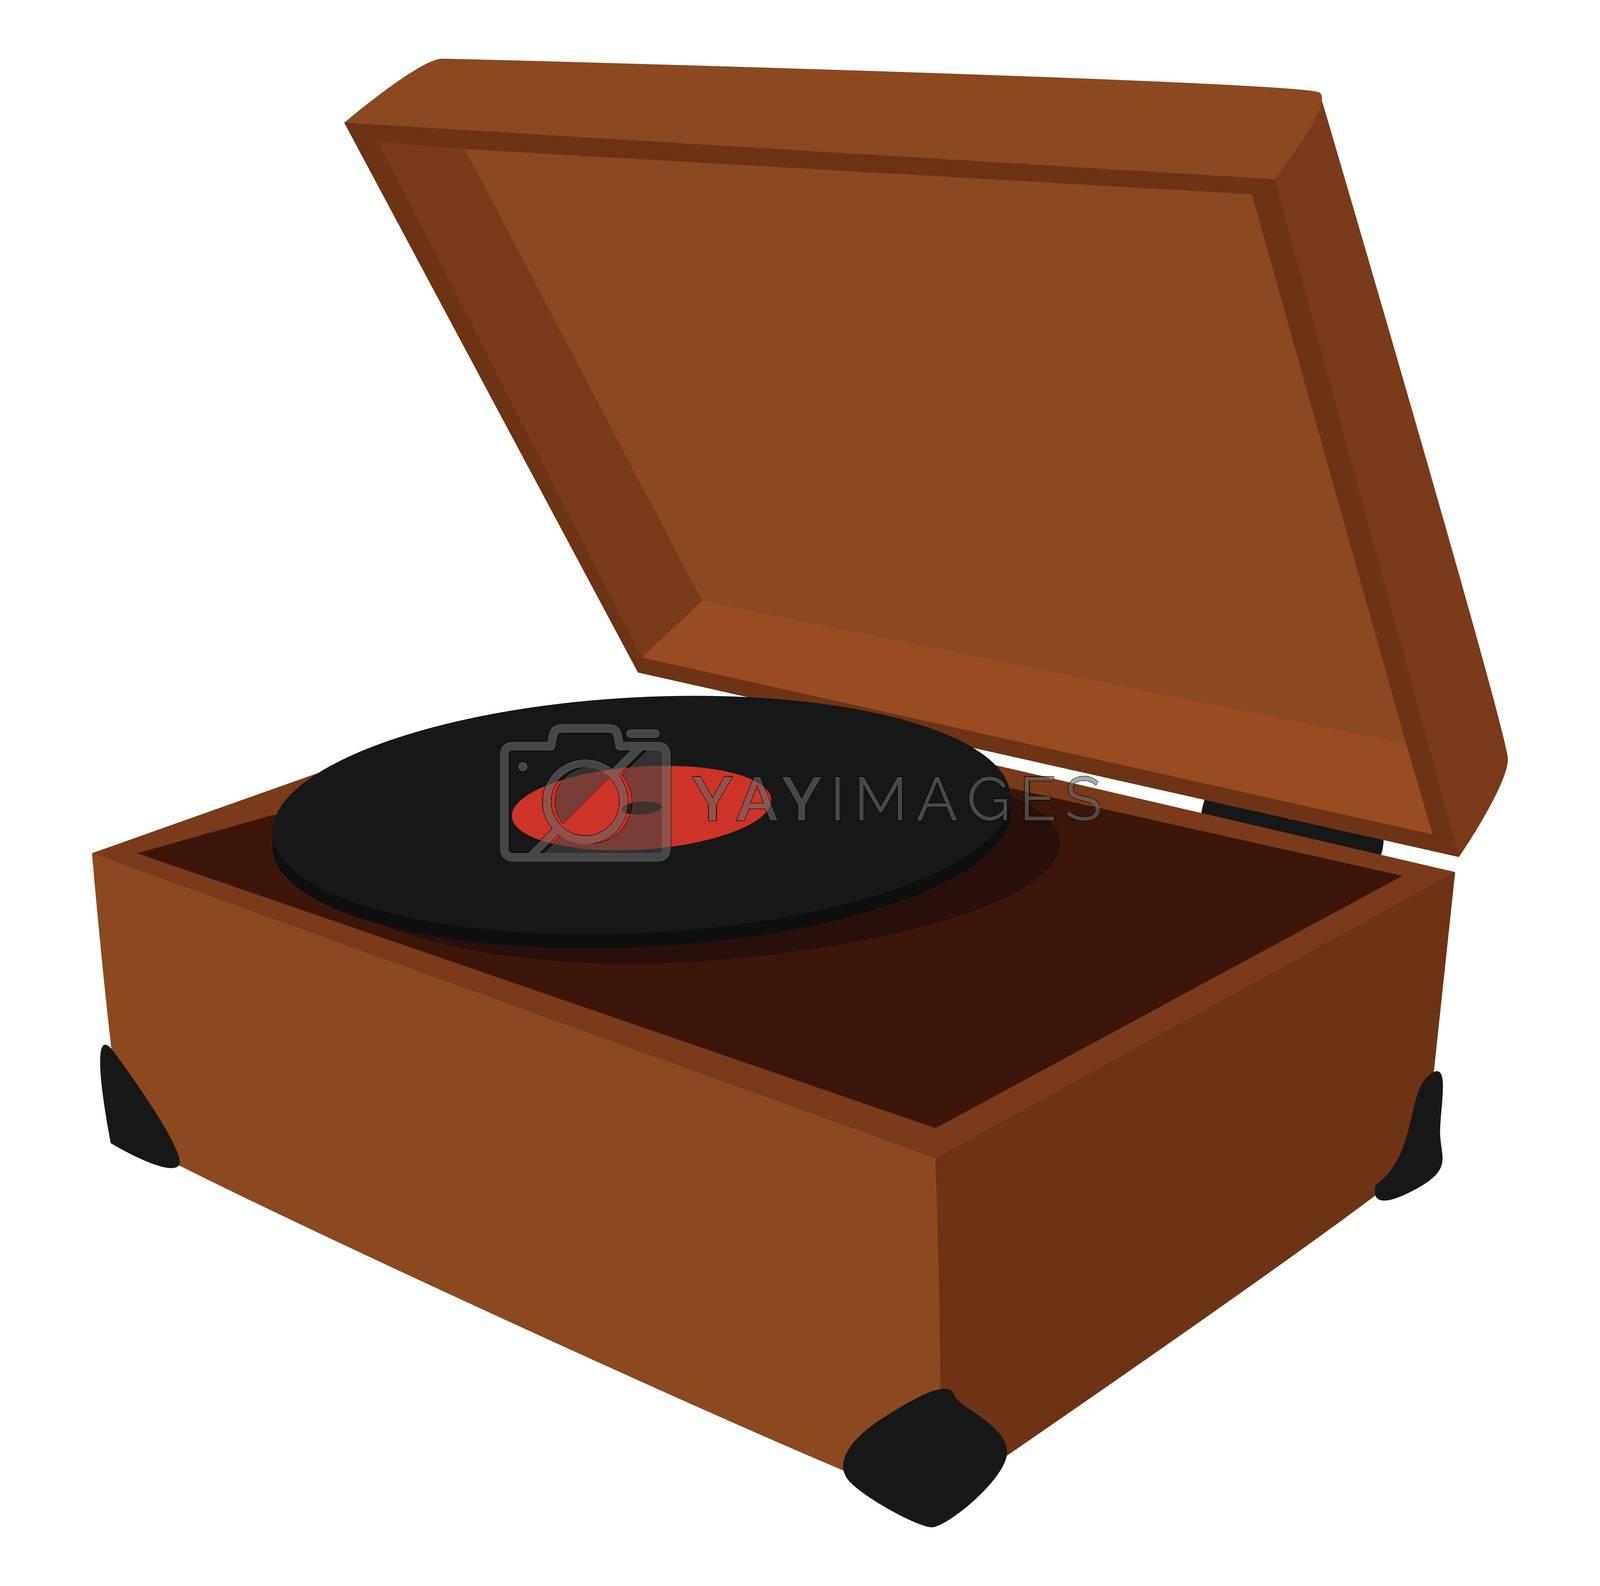 Vinyl player , illustration, vector on white background